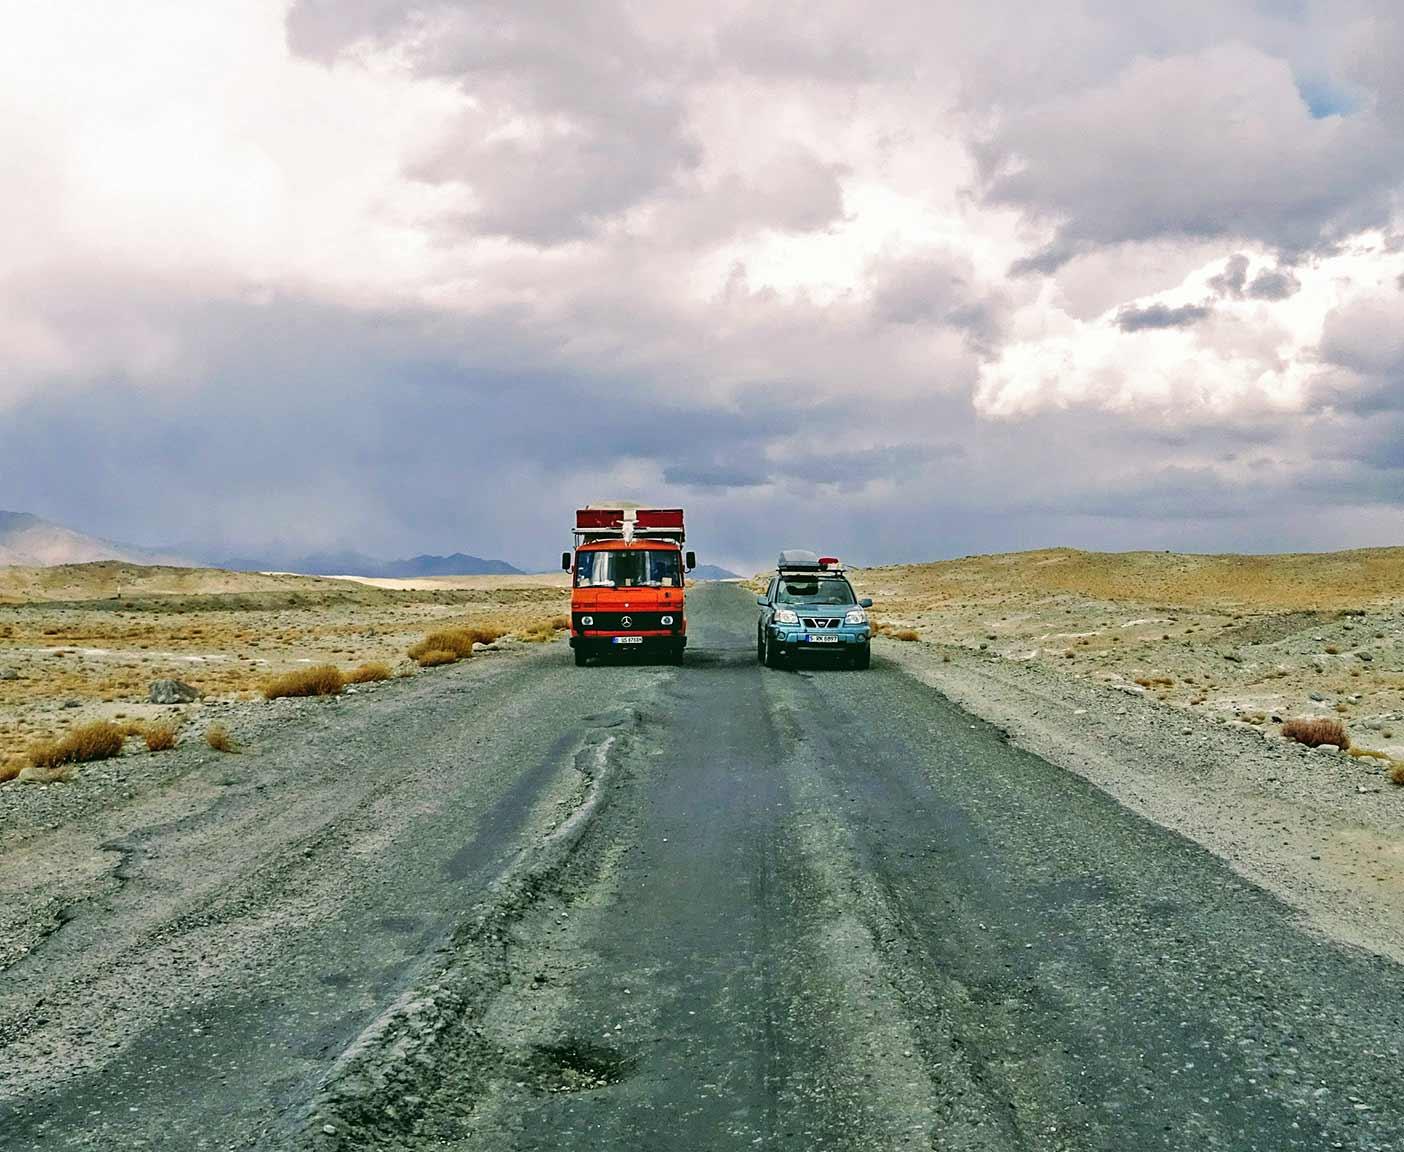 guenstige-expeditionsfahrzeuge-mobilw-offroad-gelaendegaenig-wohnmobil-nissan-xtrail-4x4-allrad-gebraucht-3